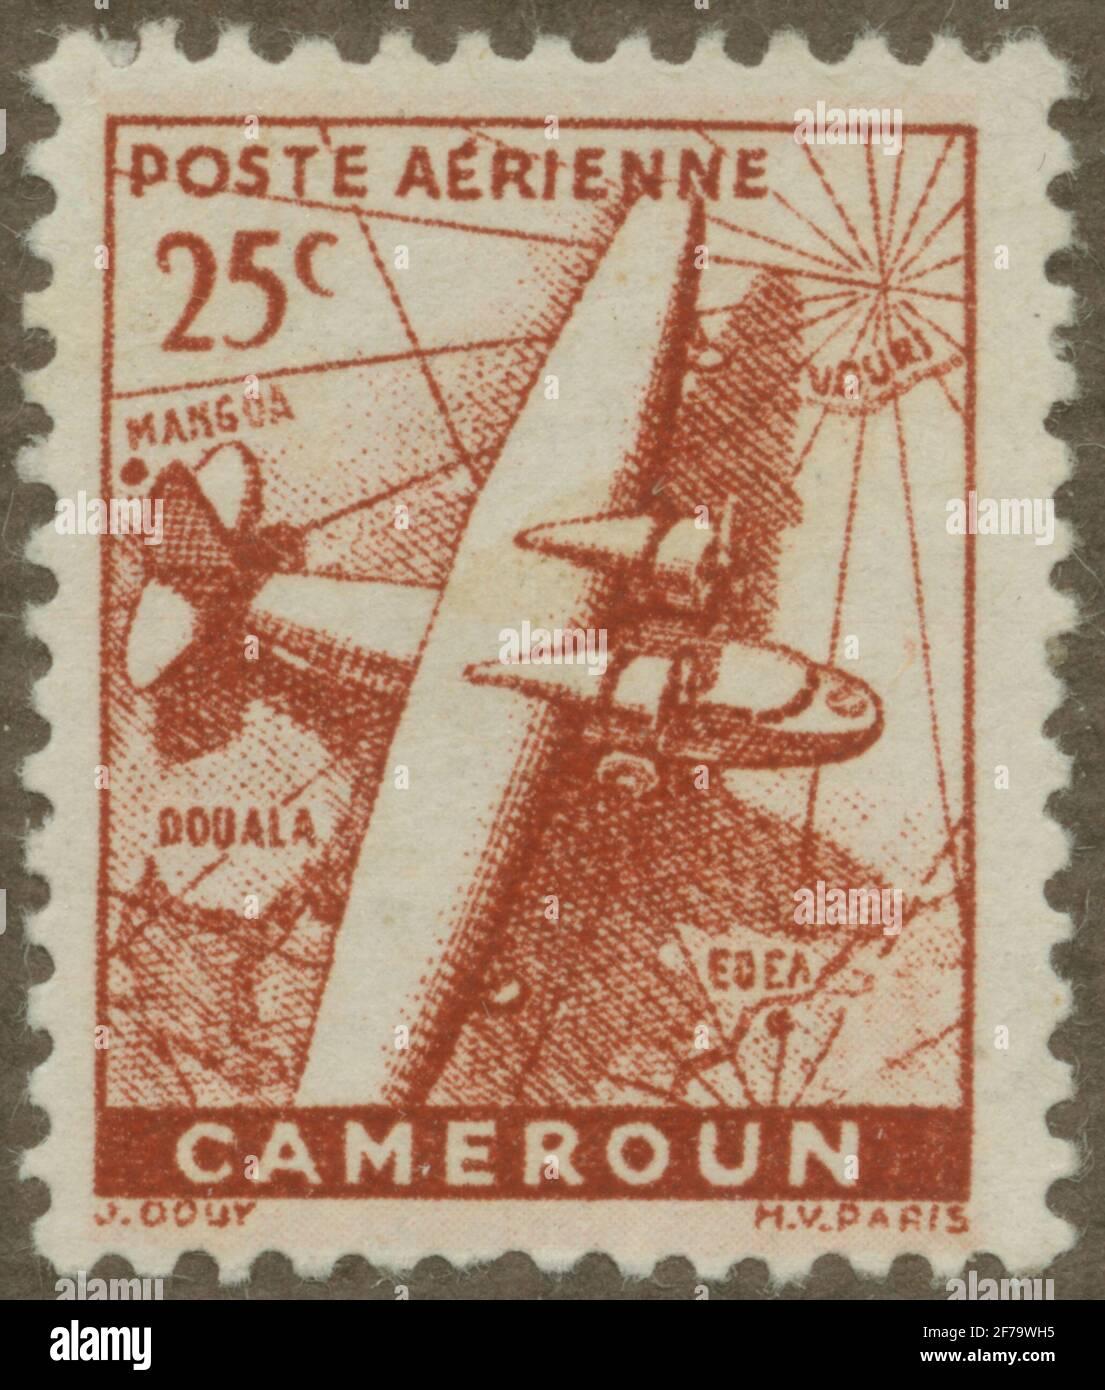 Timbre du poste de philatéliste de Gösta Bodman, commencé en 1950.le timbre de French Camerun, 1941. Carte de la carte de la carte de Camerun et des monopes à deux moteurs. Banque D'Images